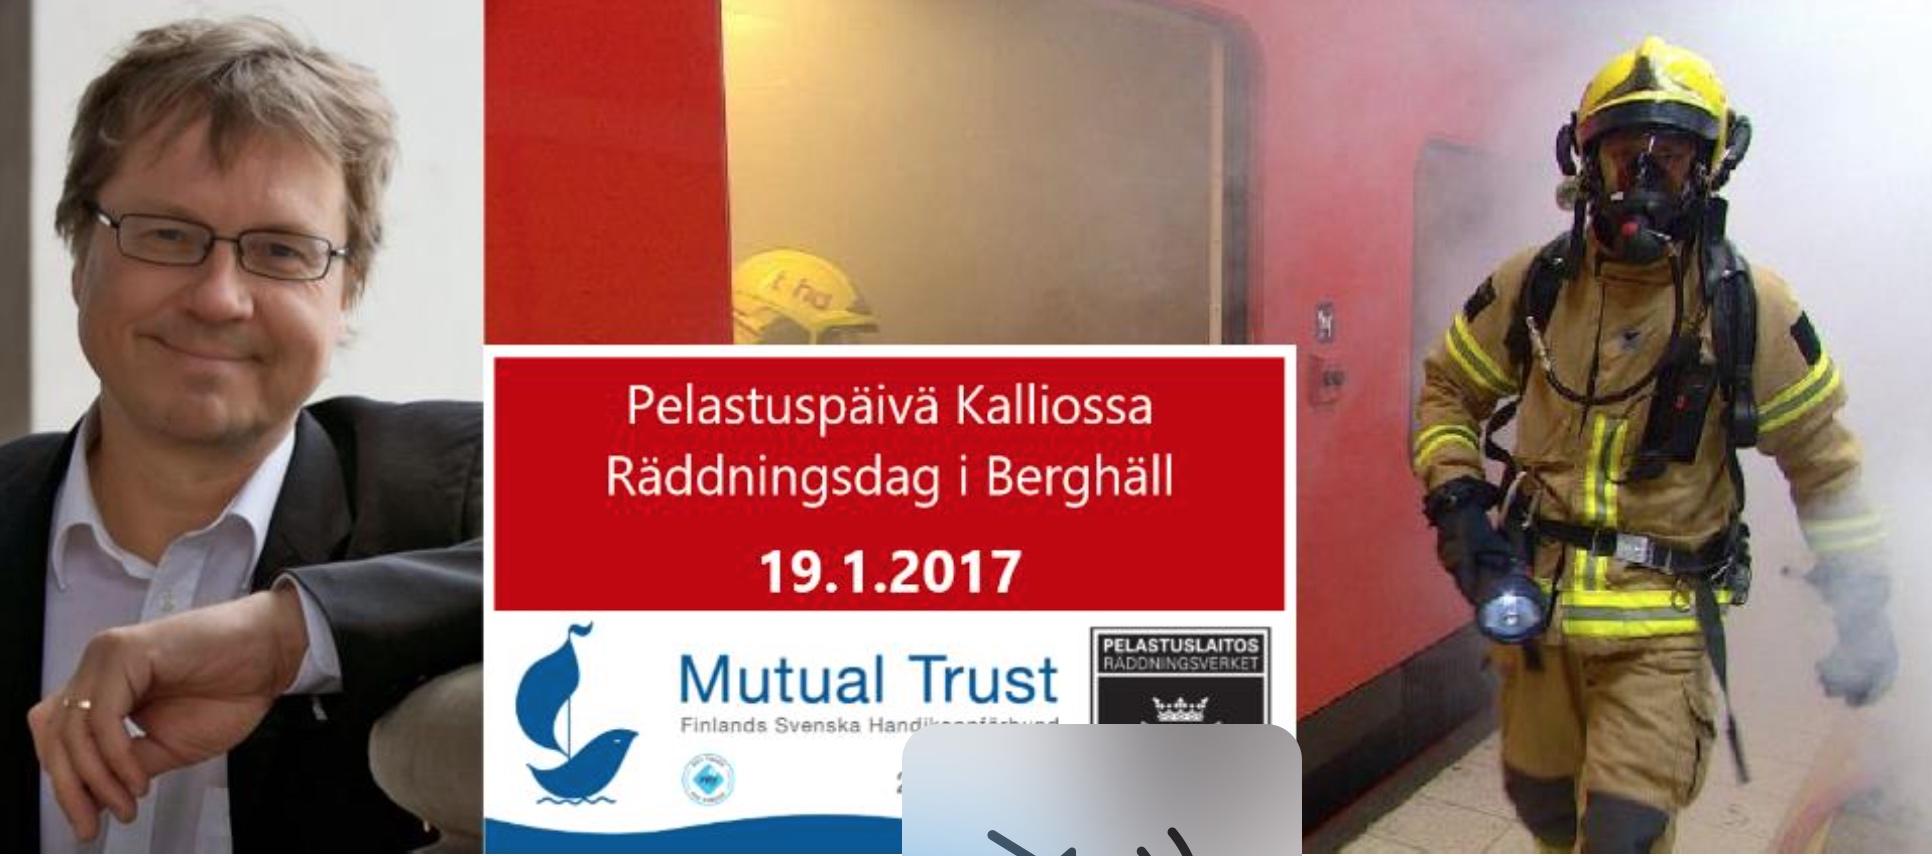 Pelastuspäivä Kalliossa 19.1.2017